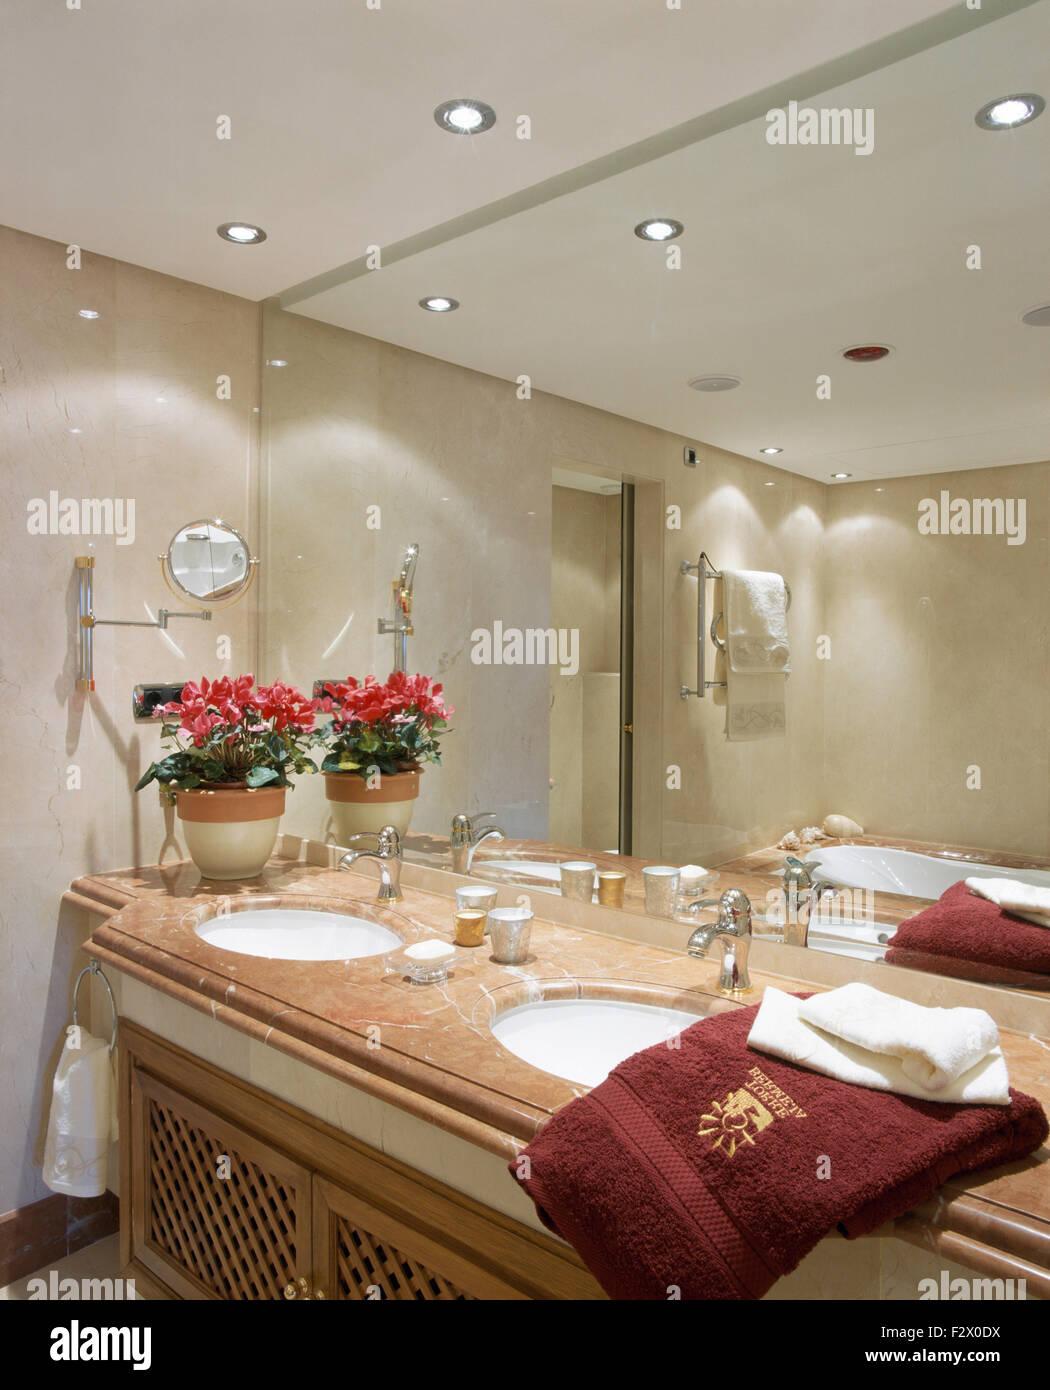 Spiegelwand Oberhalb Waschtischunterbau Mit Under Set Waschbecken Im  Modernen Spanischen Badezimmer